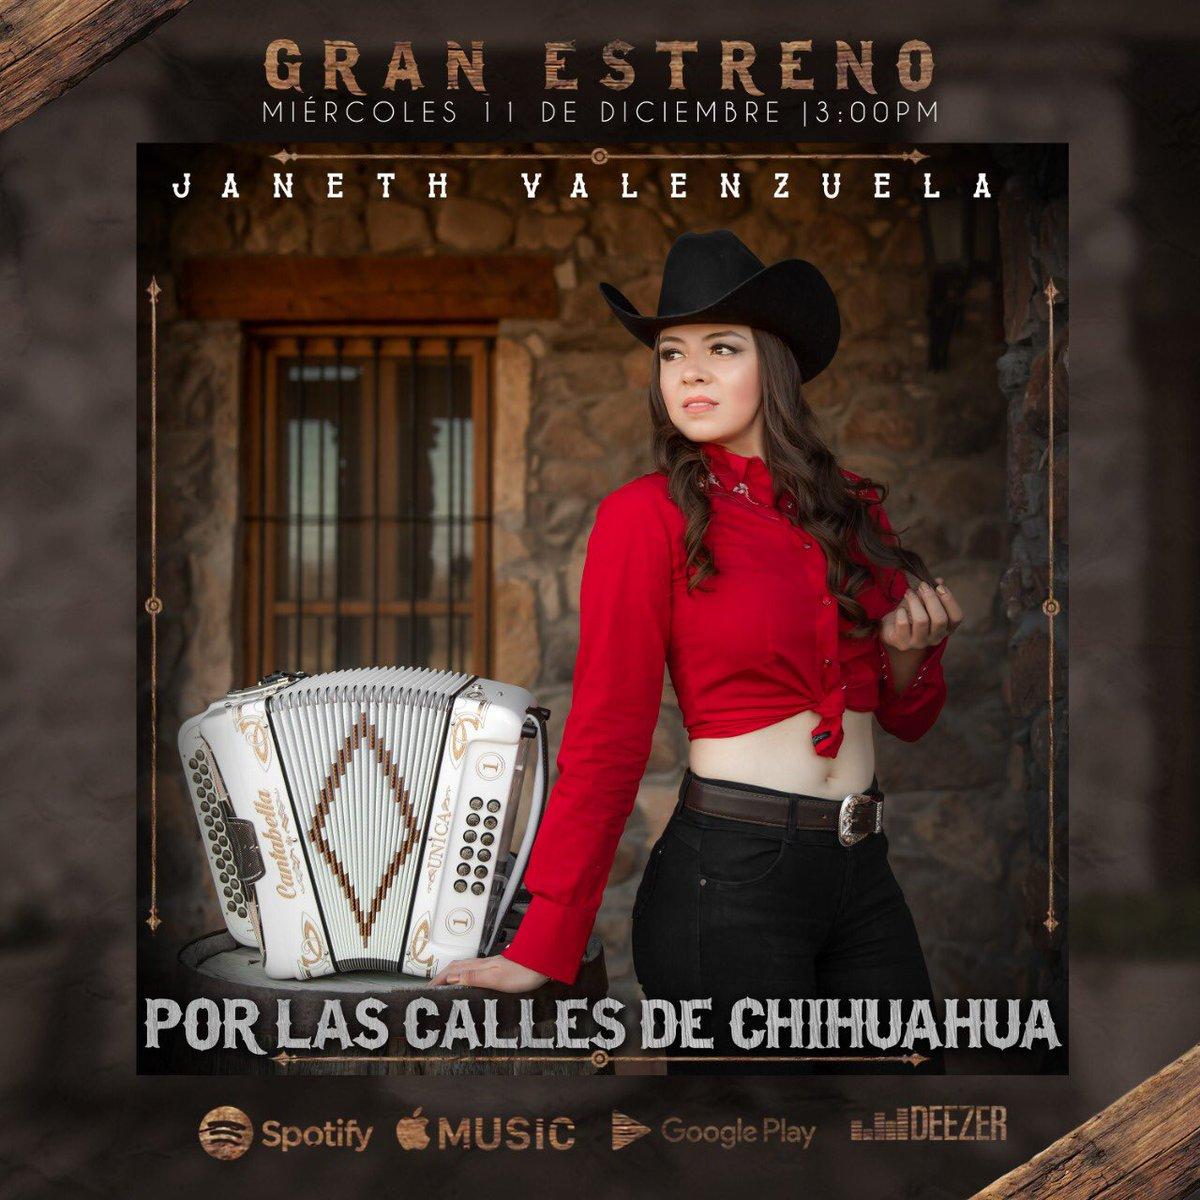 Mañana gran estreno, no se lo pierdan por todas las plataformas digitales a la 3:00pm 🤩😍🎶   Pre ordena aquí:   @spotifymx @itunes @pandora #dezzer  #chihuahua #sierreño #rancho #vaquerita #mexicana